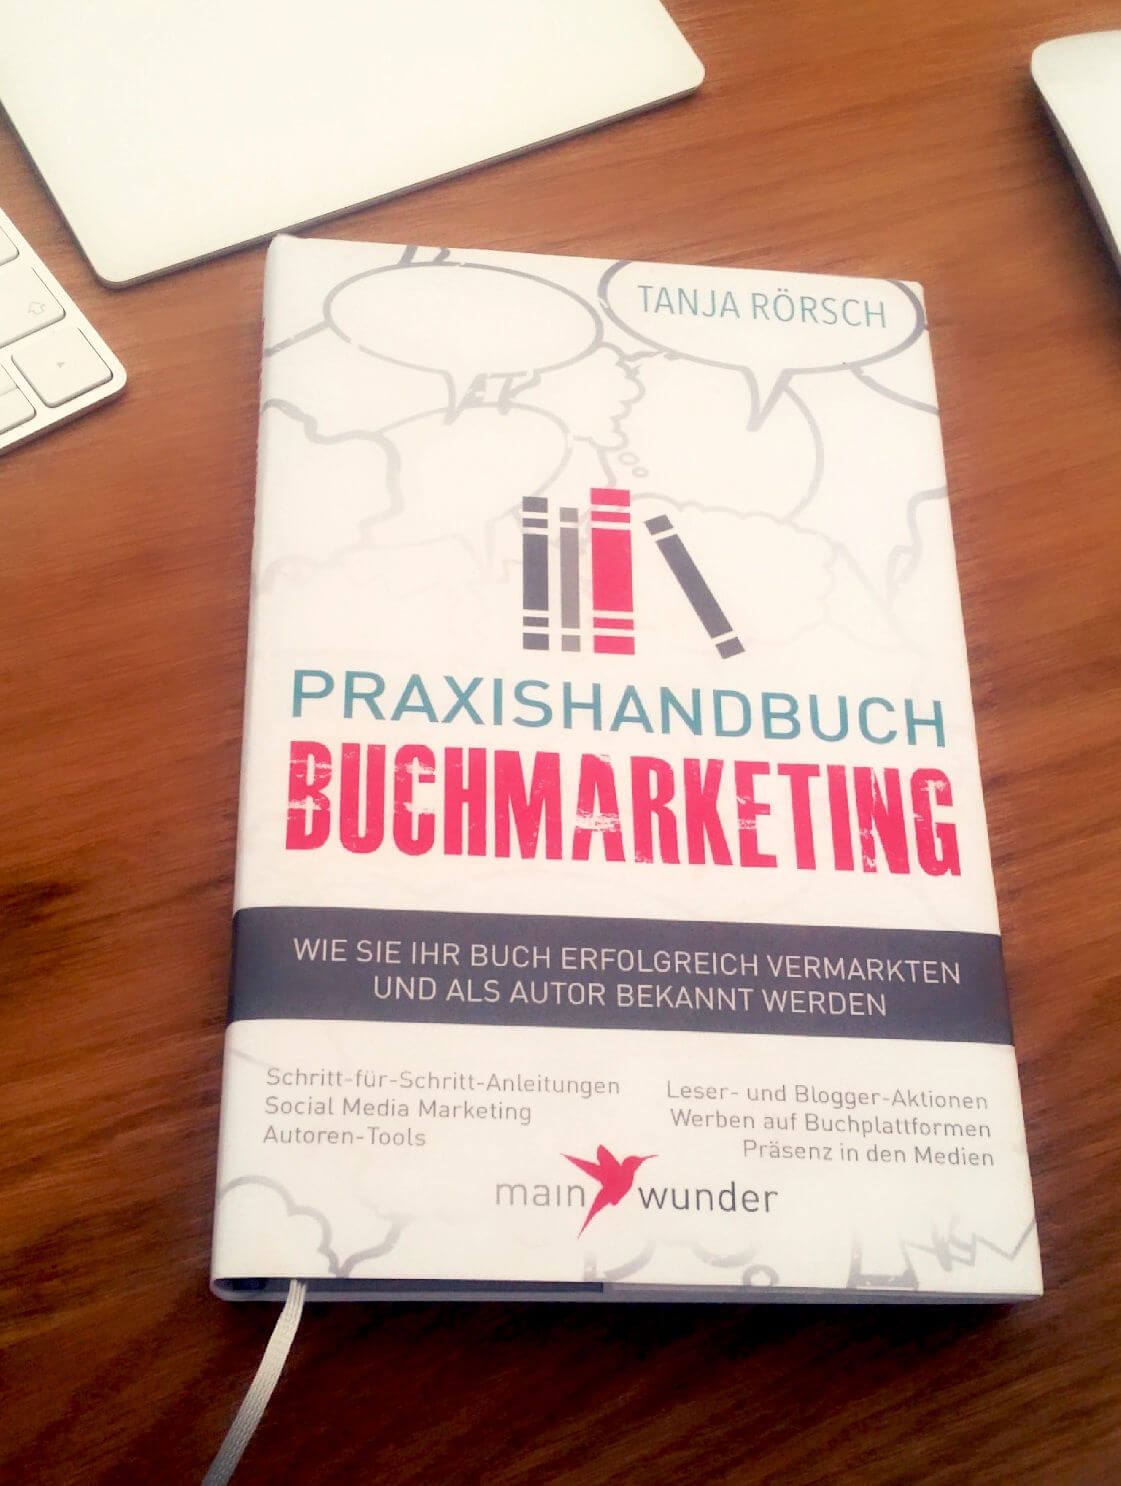 Praxishandbuch Buchmarketing von Tanja Rörsch